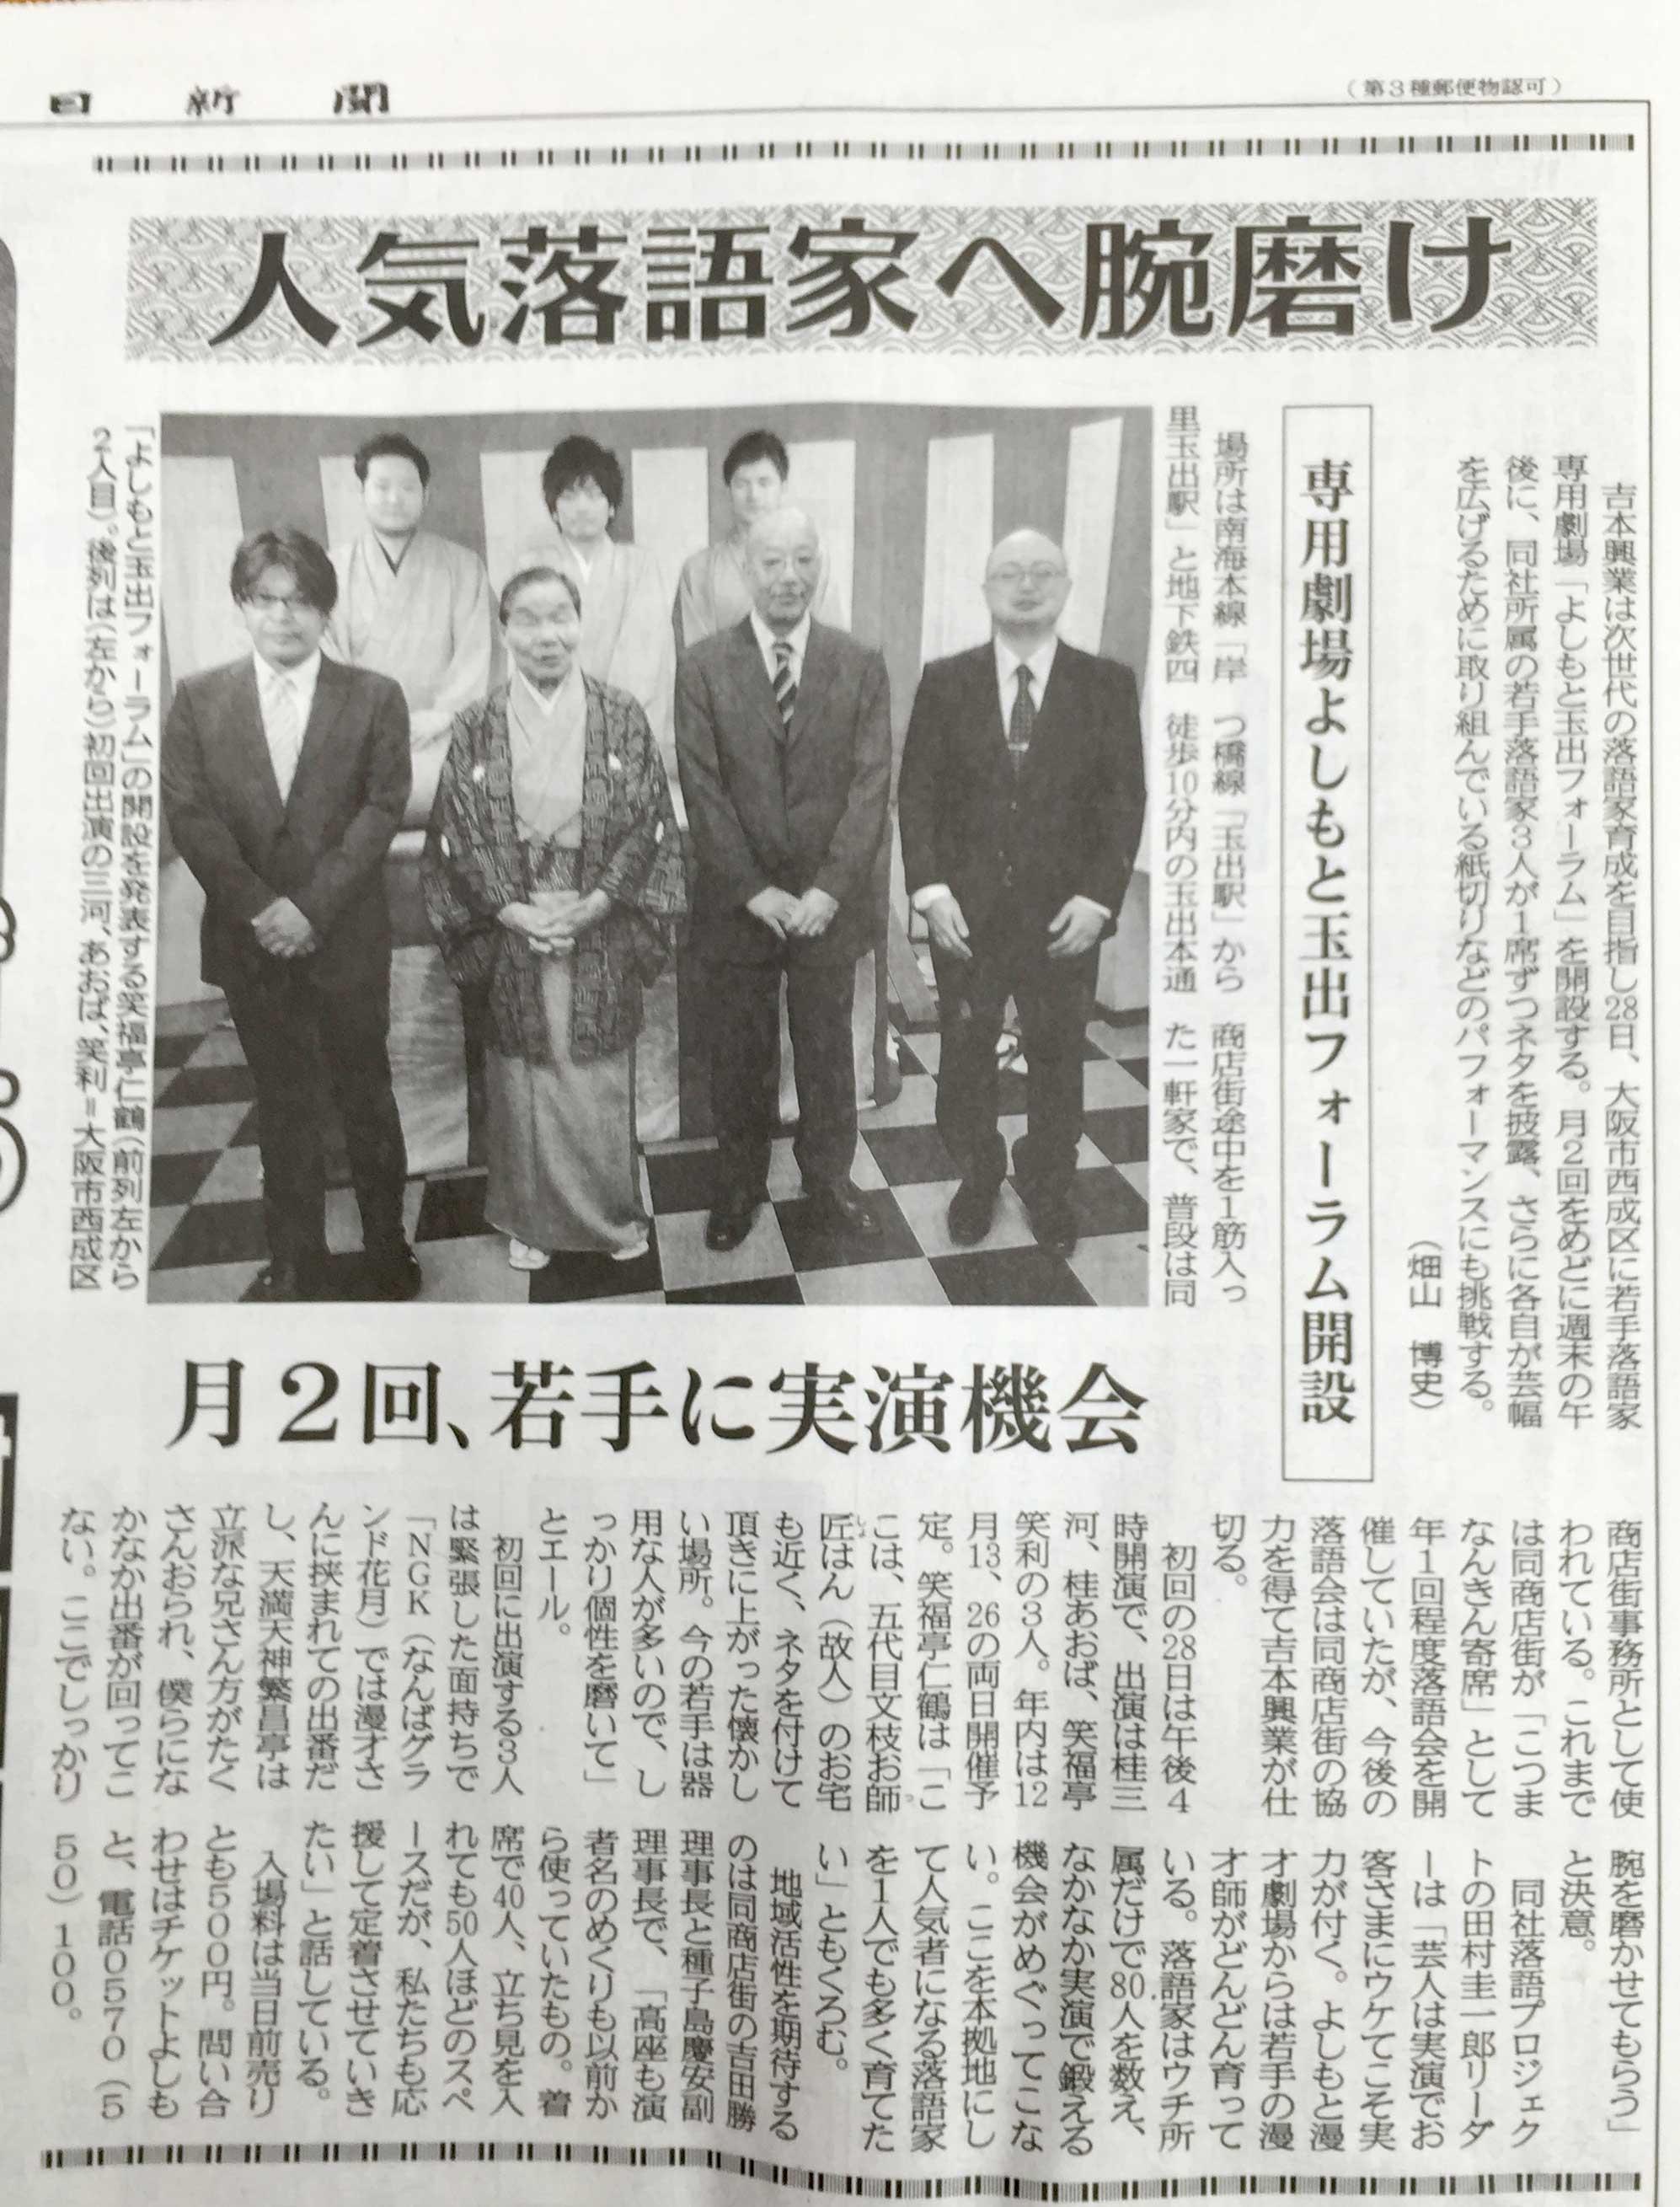 大阪日日新聞に載りました 人気落語家腕磨け